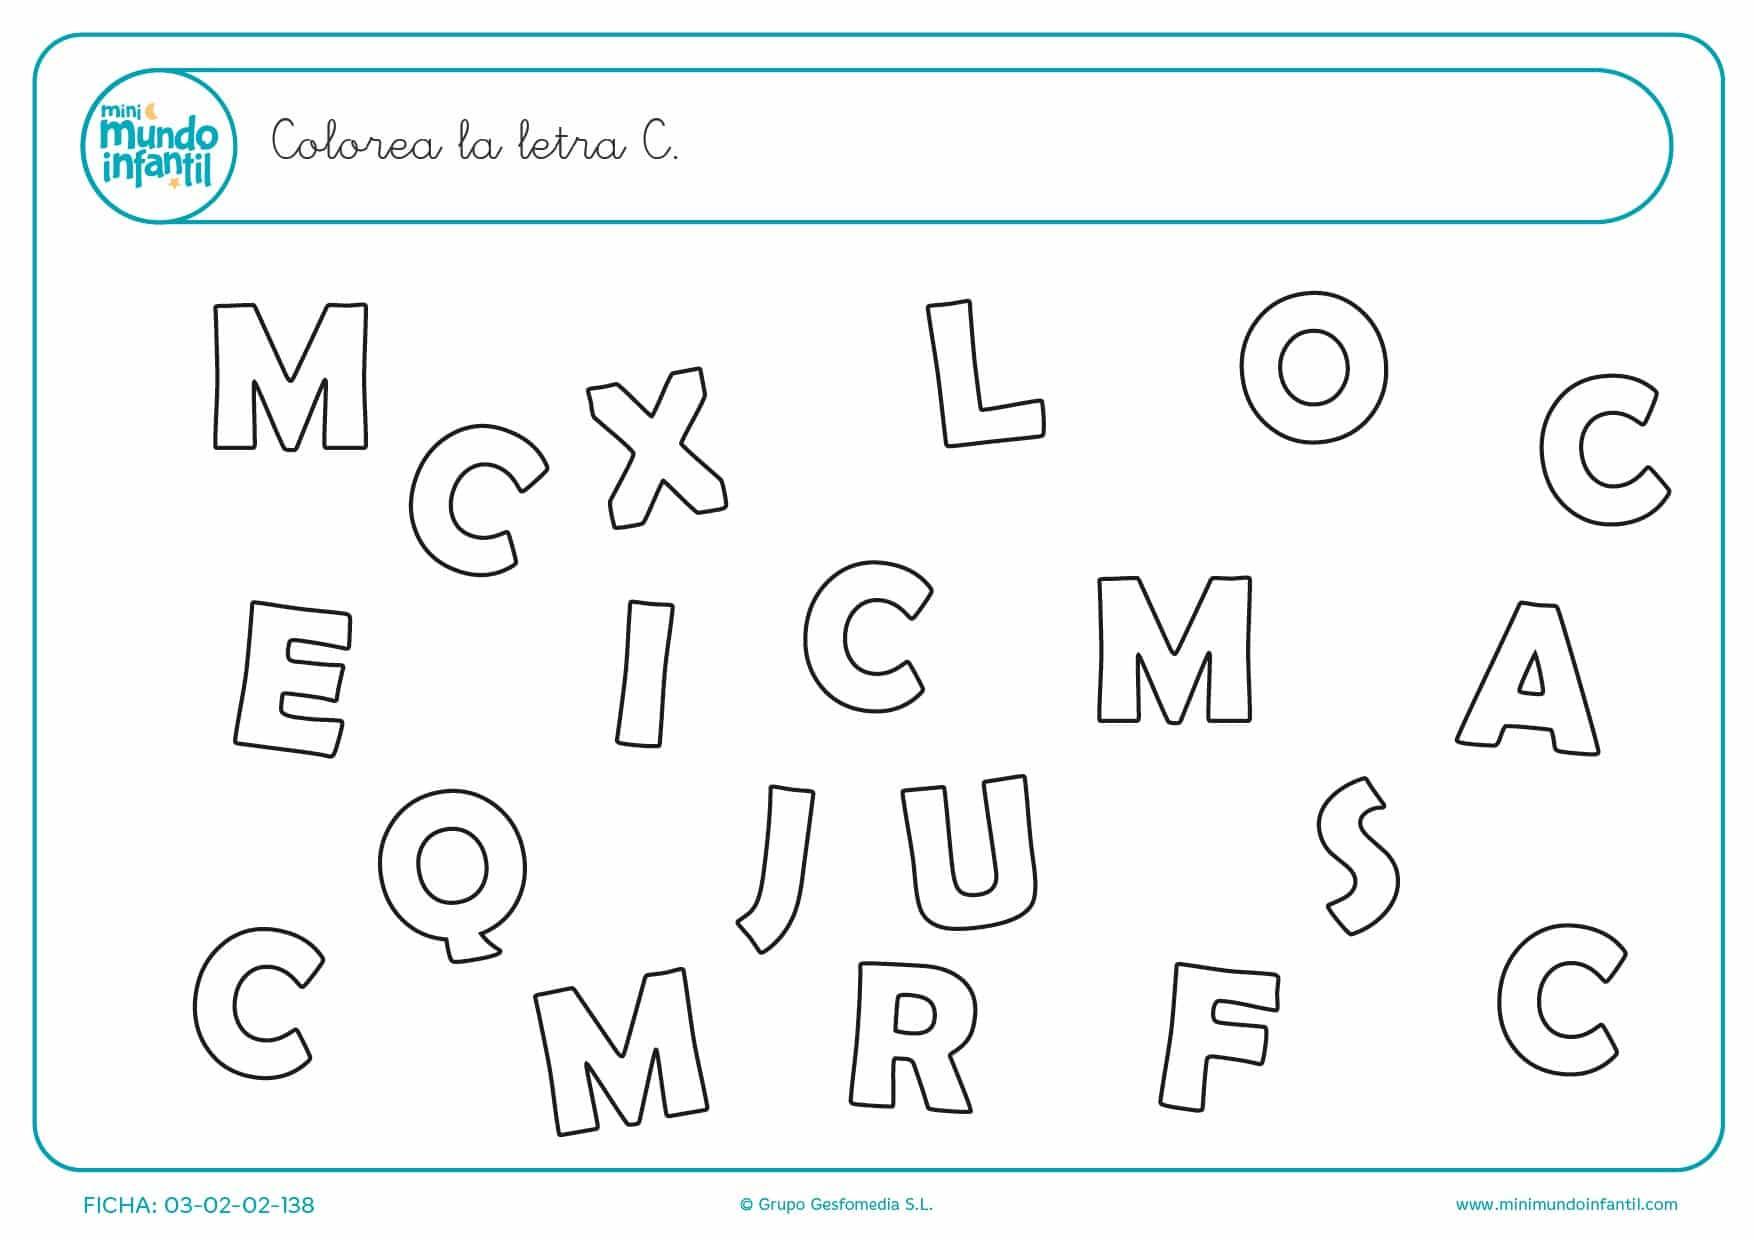 Poner color a la letra C en mayúsculas